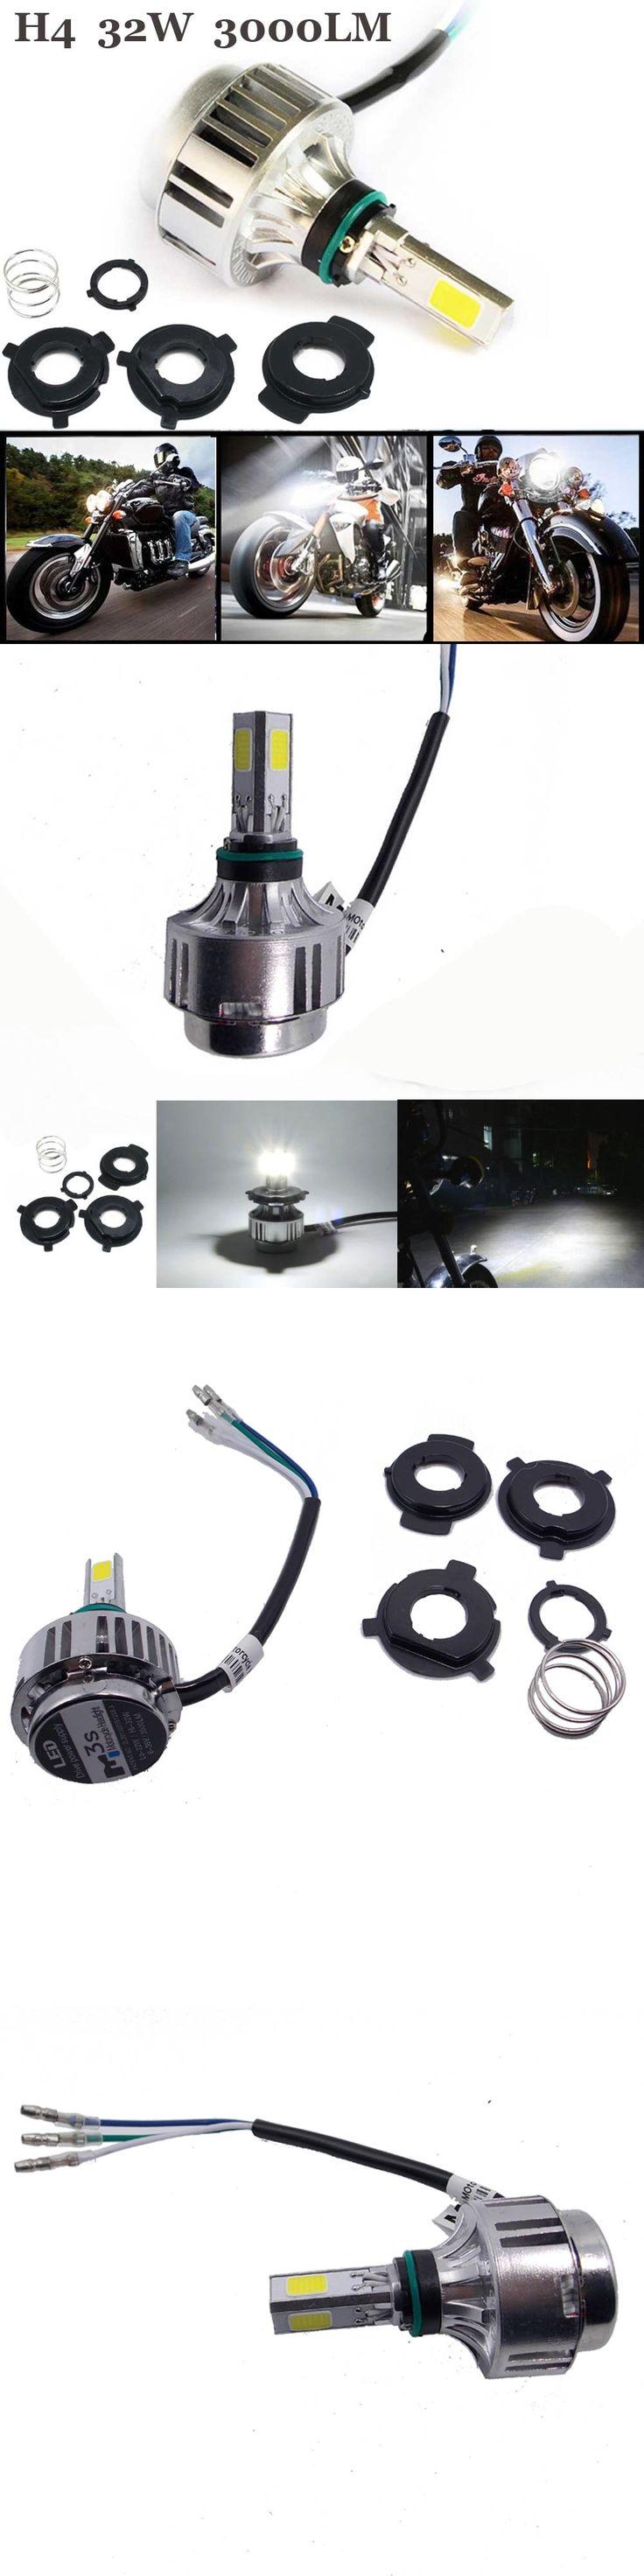 32W 3000LM Motorcycle H4 LED Headlight Bulb Flasher Moto Beam Fog Lamp For Cafe Racer Harley Honda Yamaha 12V HS1 Super Light